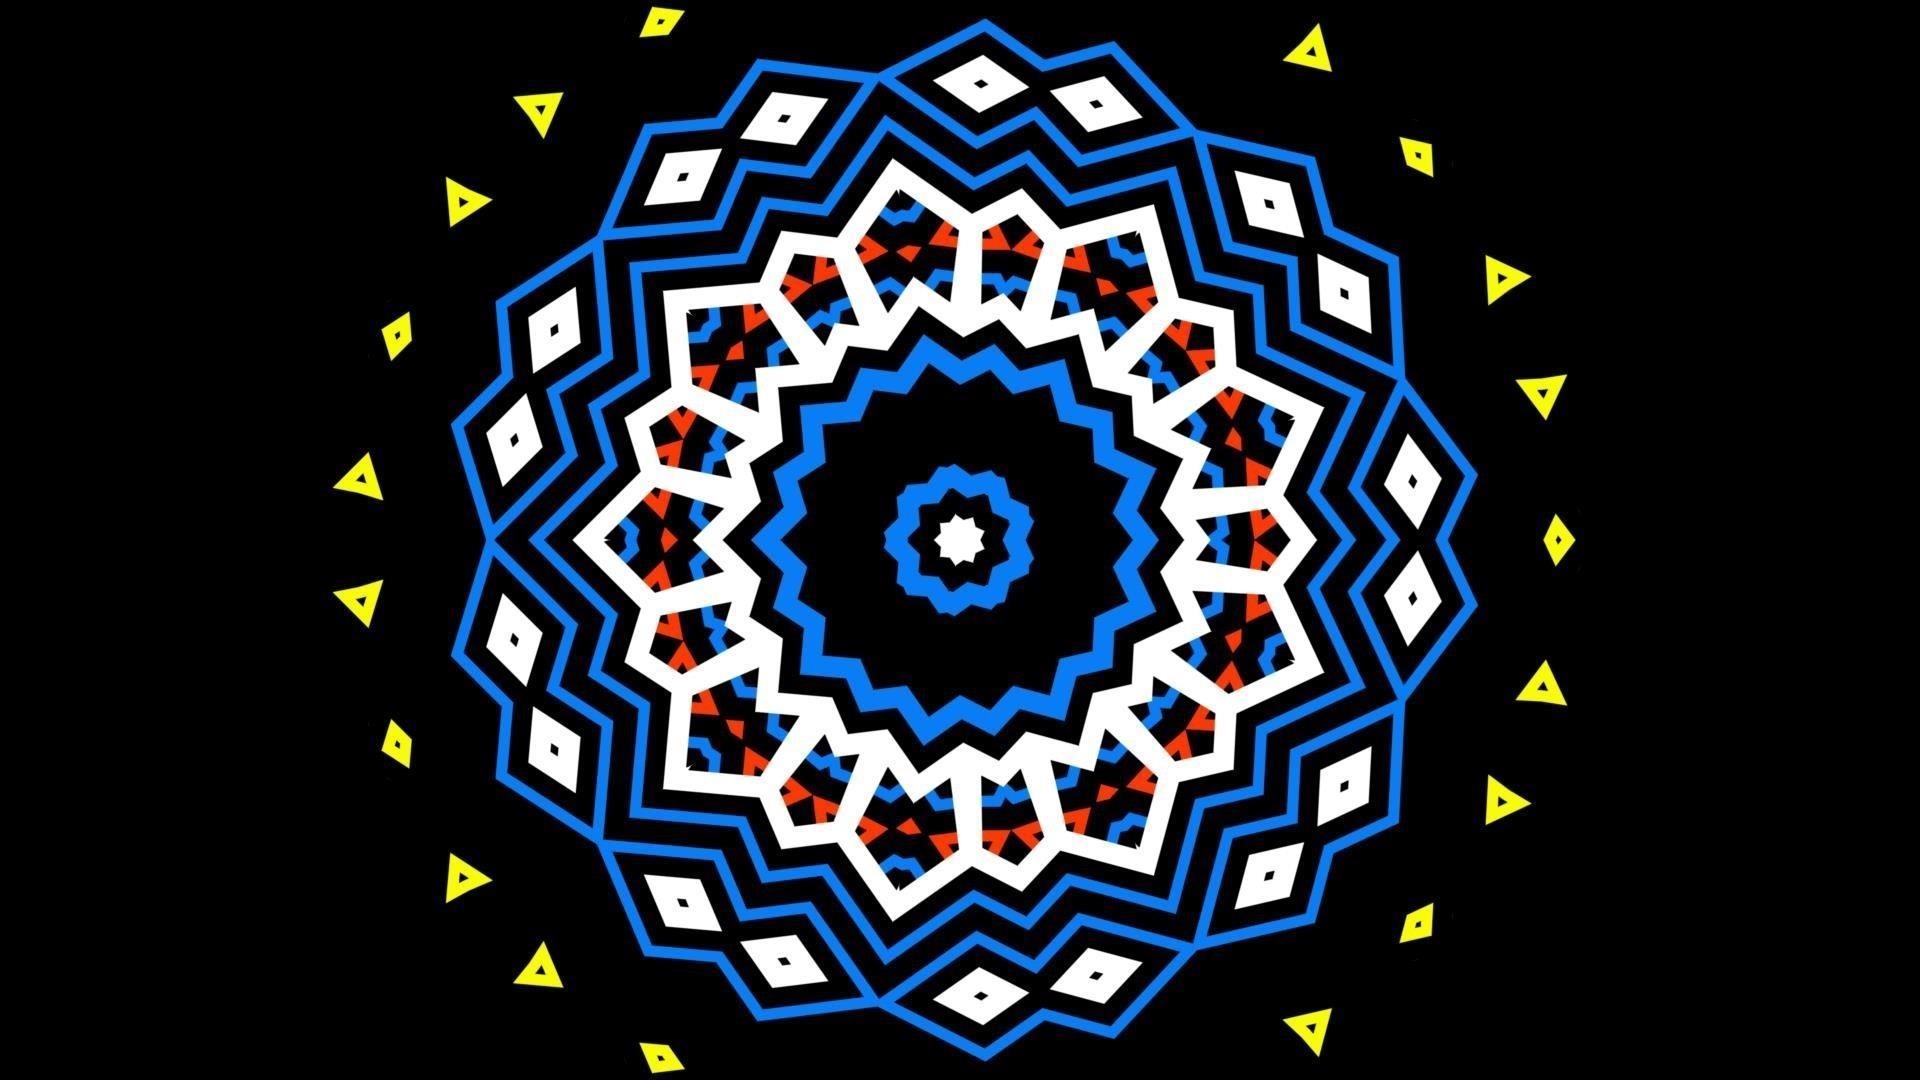 Желтый синий оранжевый черный геометрические фигуры абстрактные обои скачать